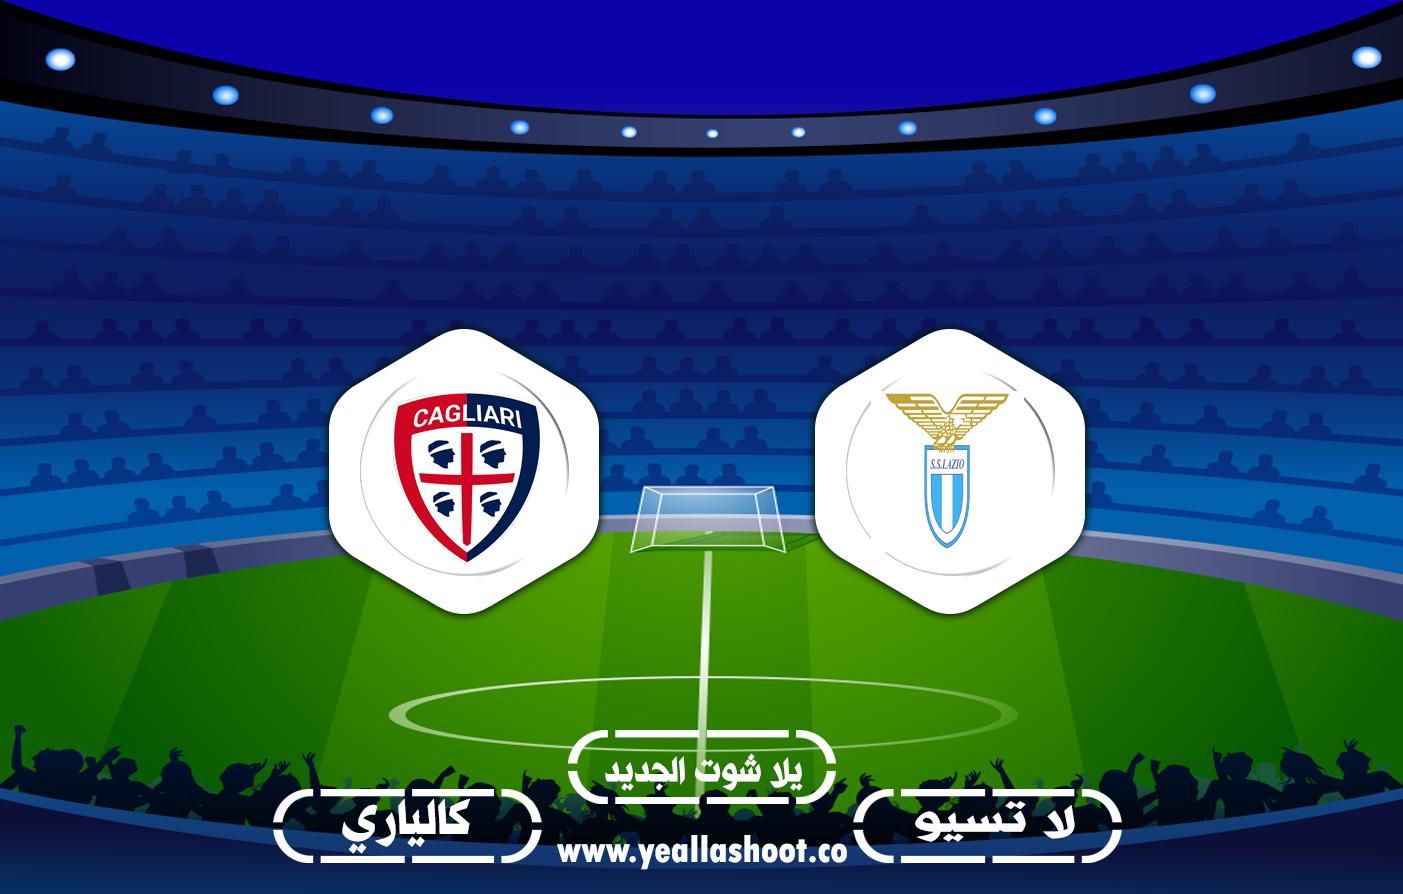 مشاهدة مباراة كالياري ولاتسيو بث مباشر اليوم 26-09-2020 الدوري الايطالي